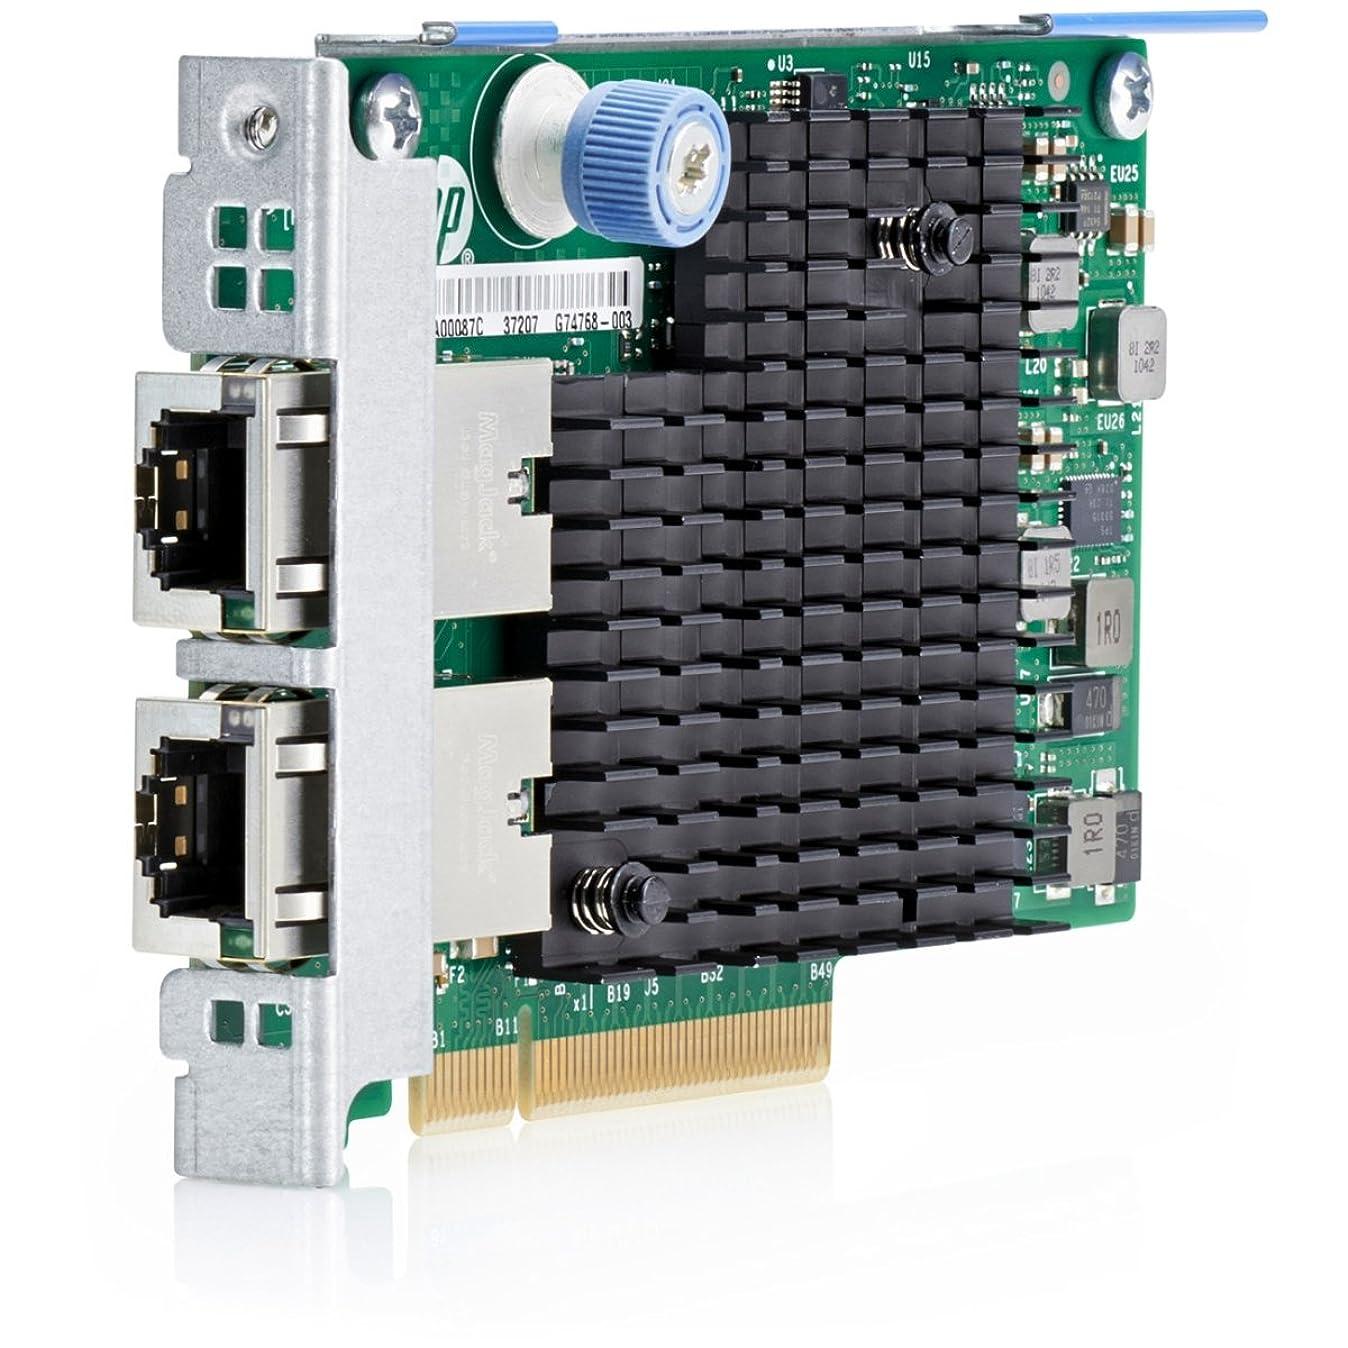 流星覆すじゃないHP Ethernet 10?Gb 2ポート561?flr-tアダプタ?–?PCI Express x8?–?ツイストペア?–?700699-b21